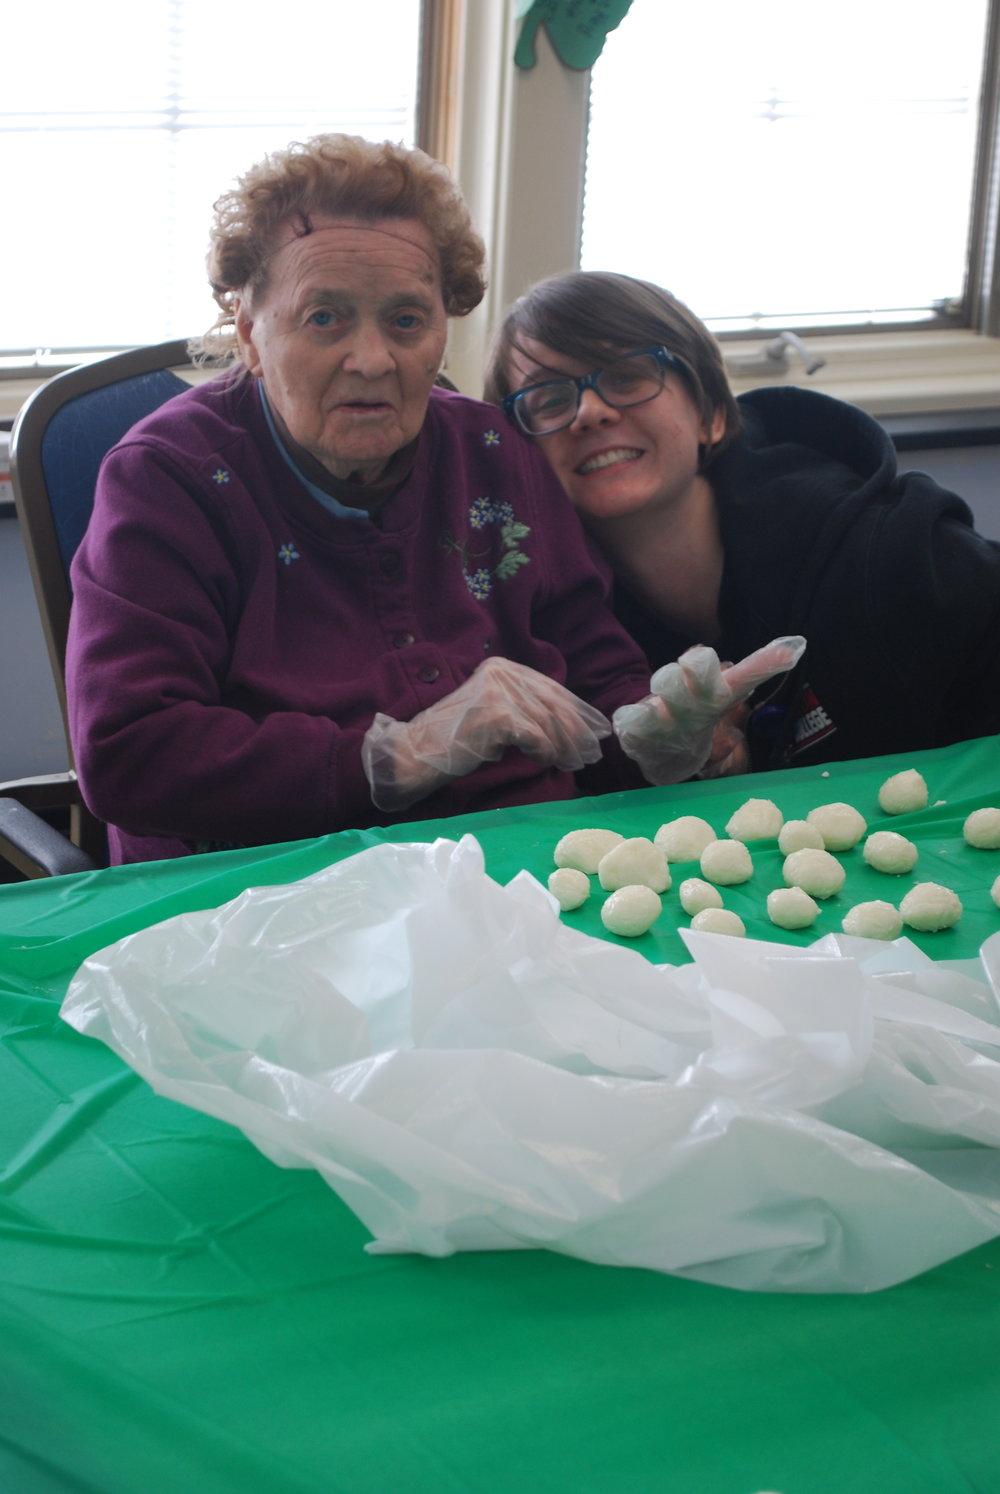 Gloria and Shane making Irish Potatoes